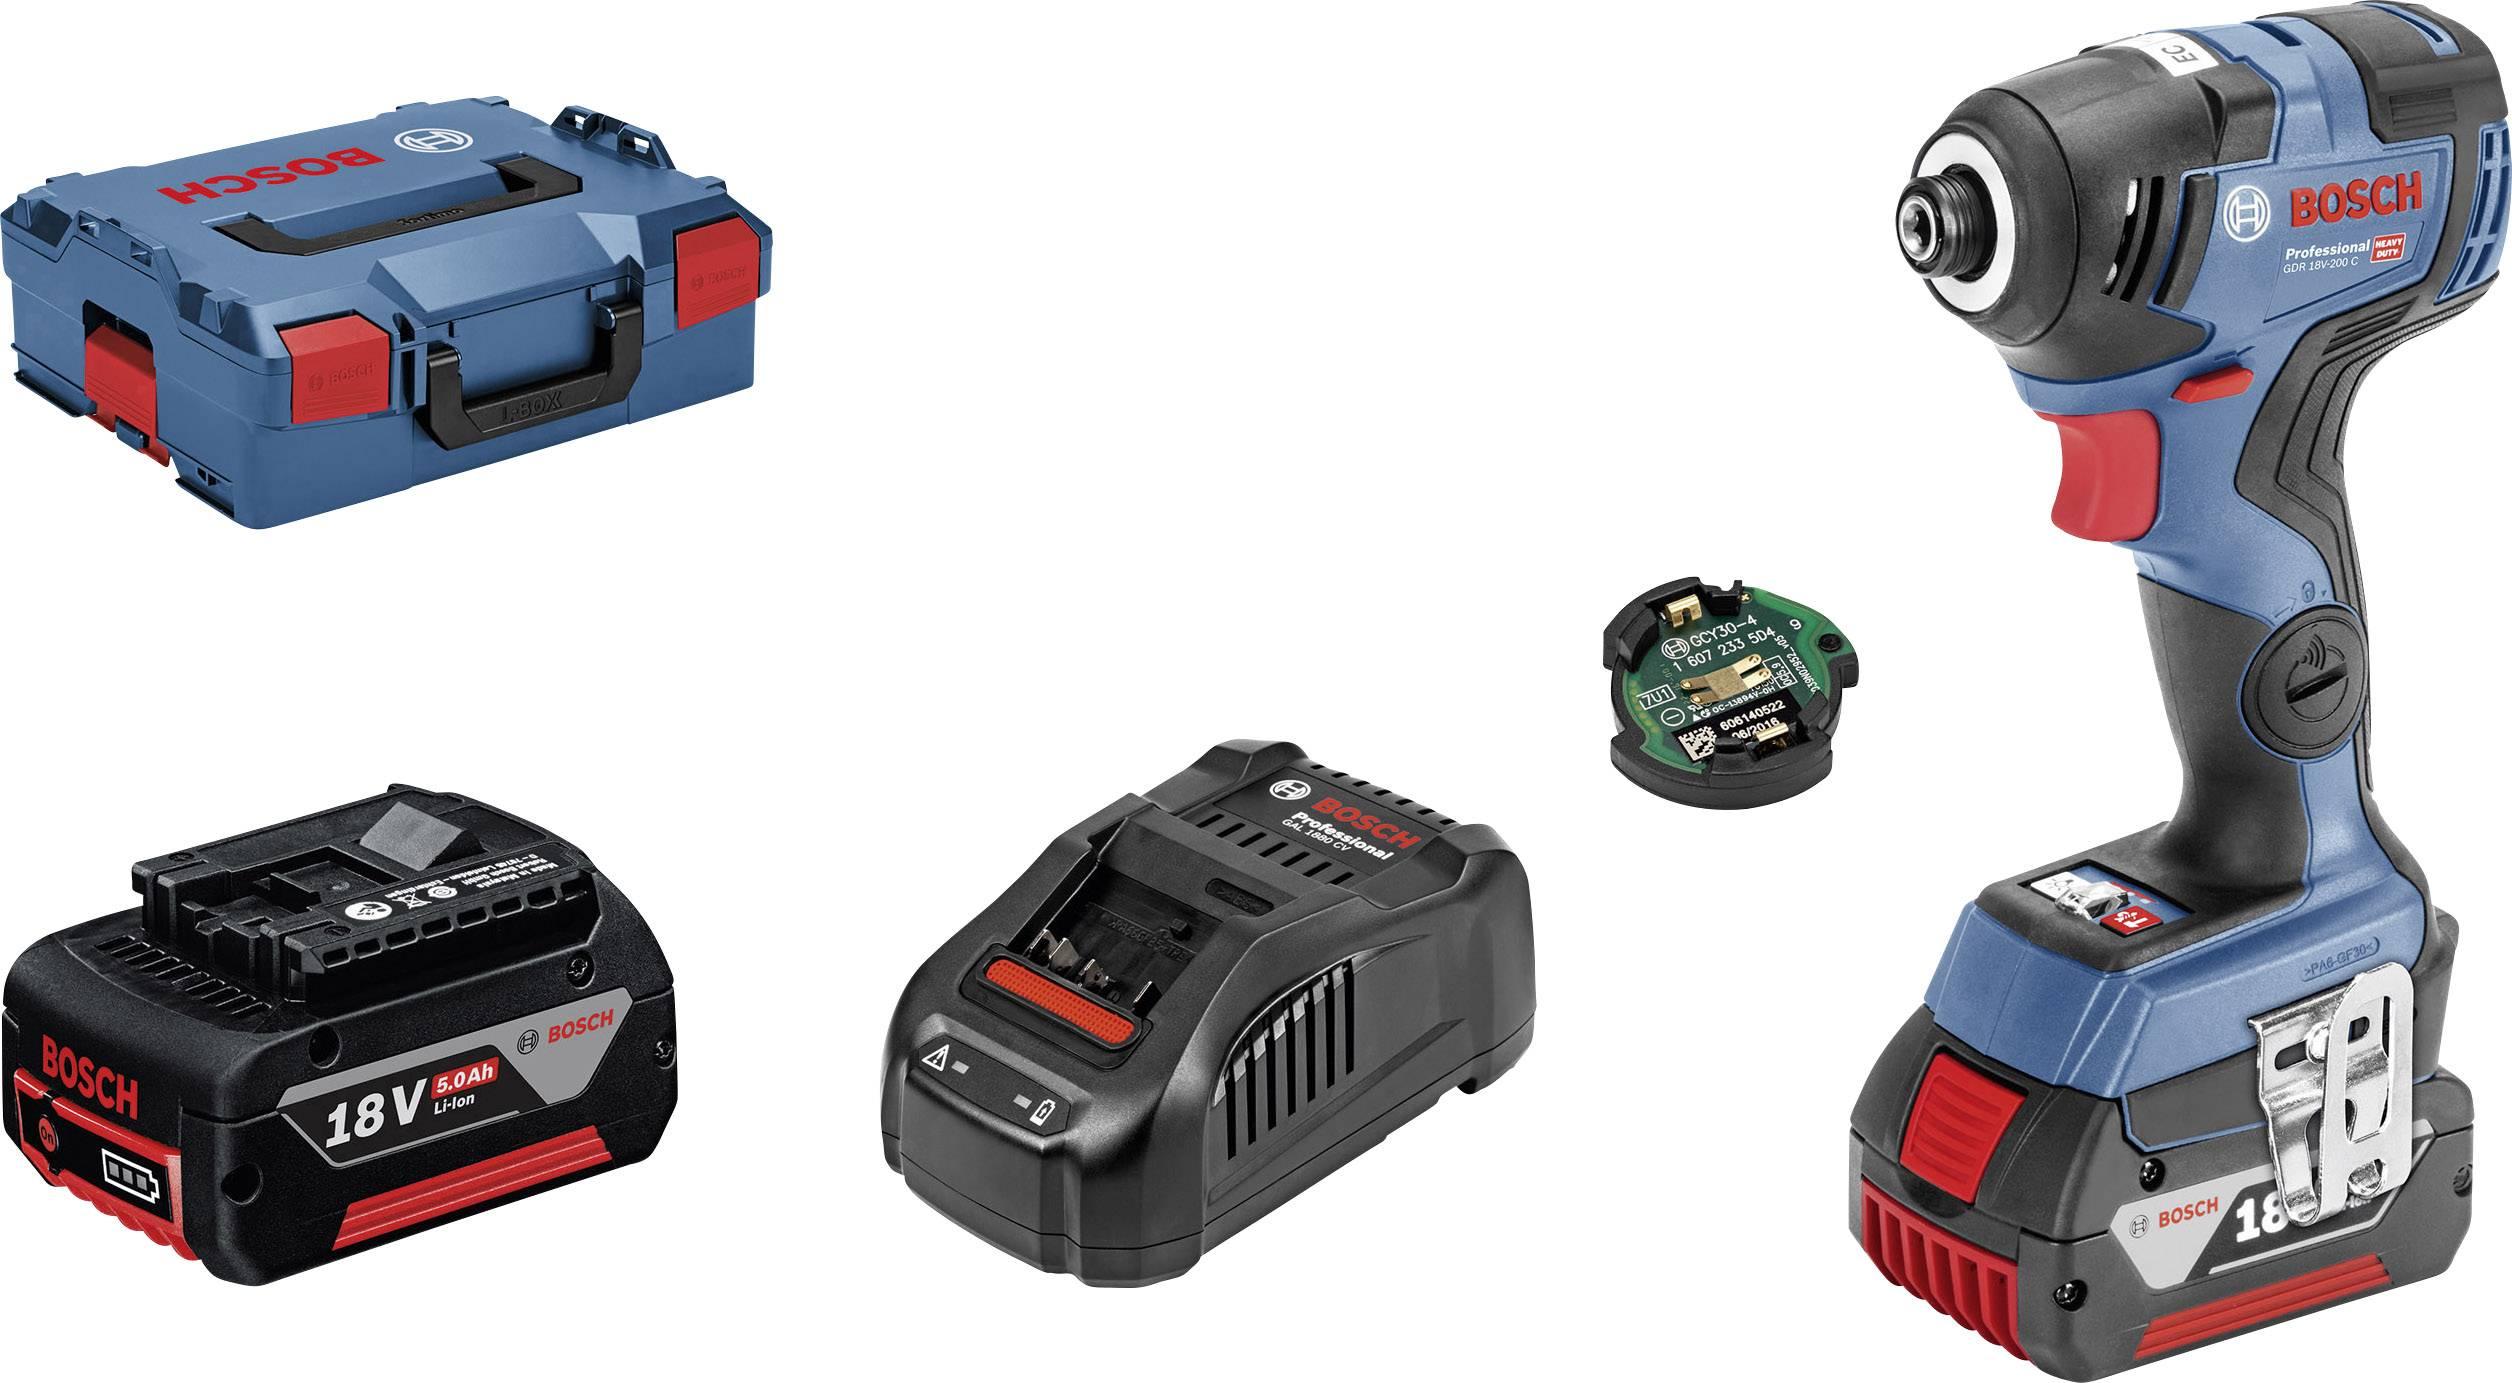 Bosch Laser Entfernungsmesser Conrad : Bosch professional shop online kaufen bei conrad